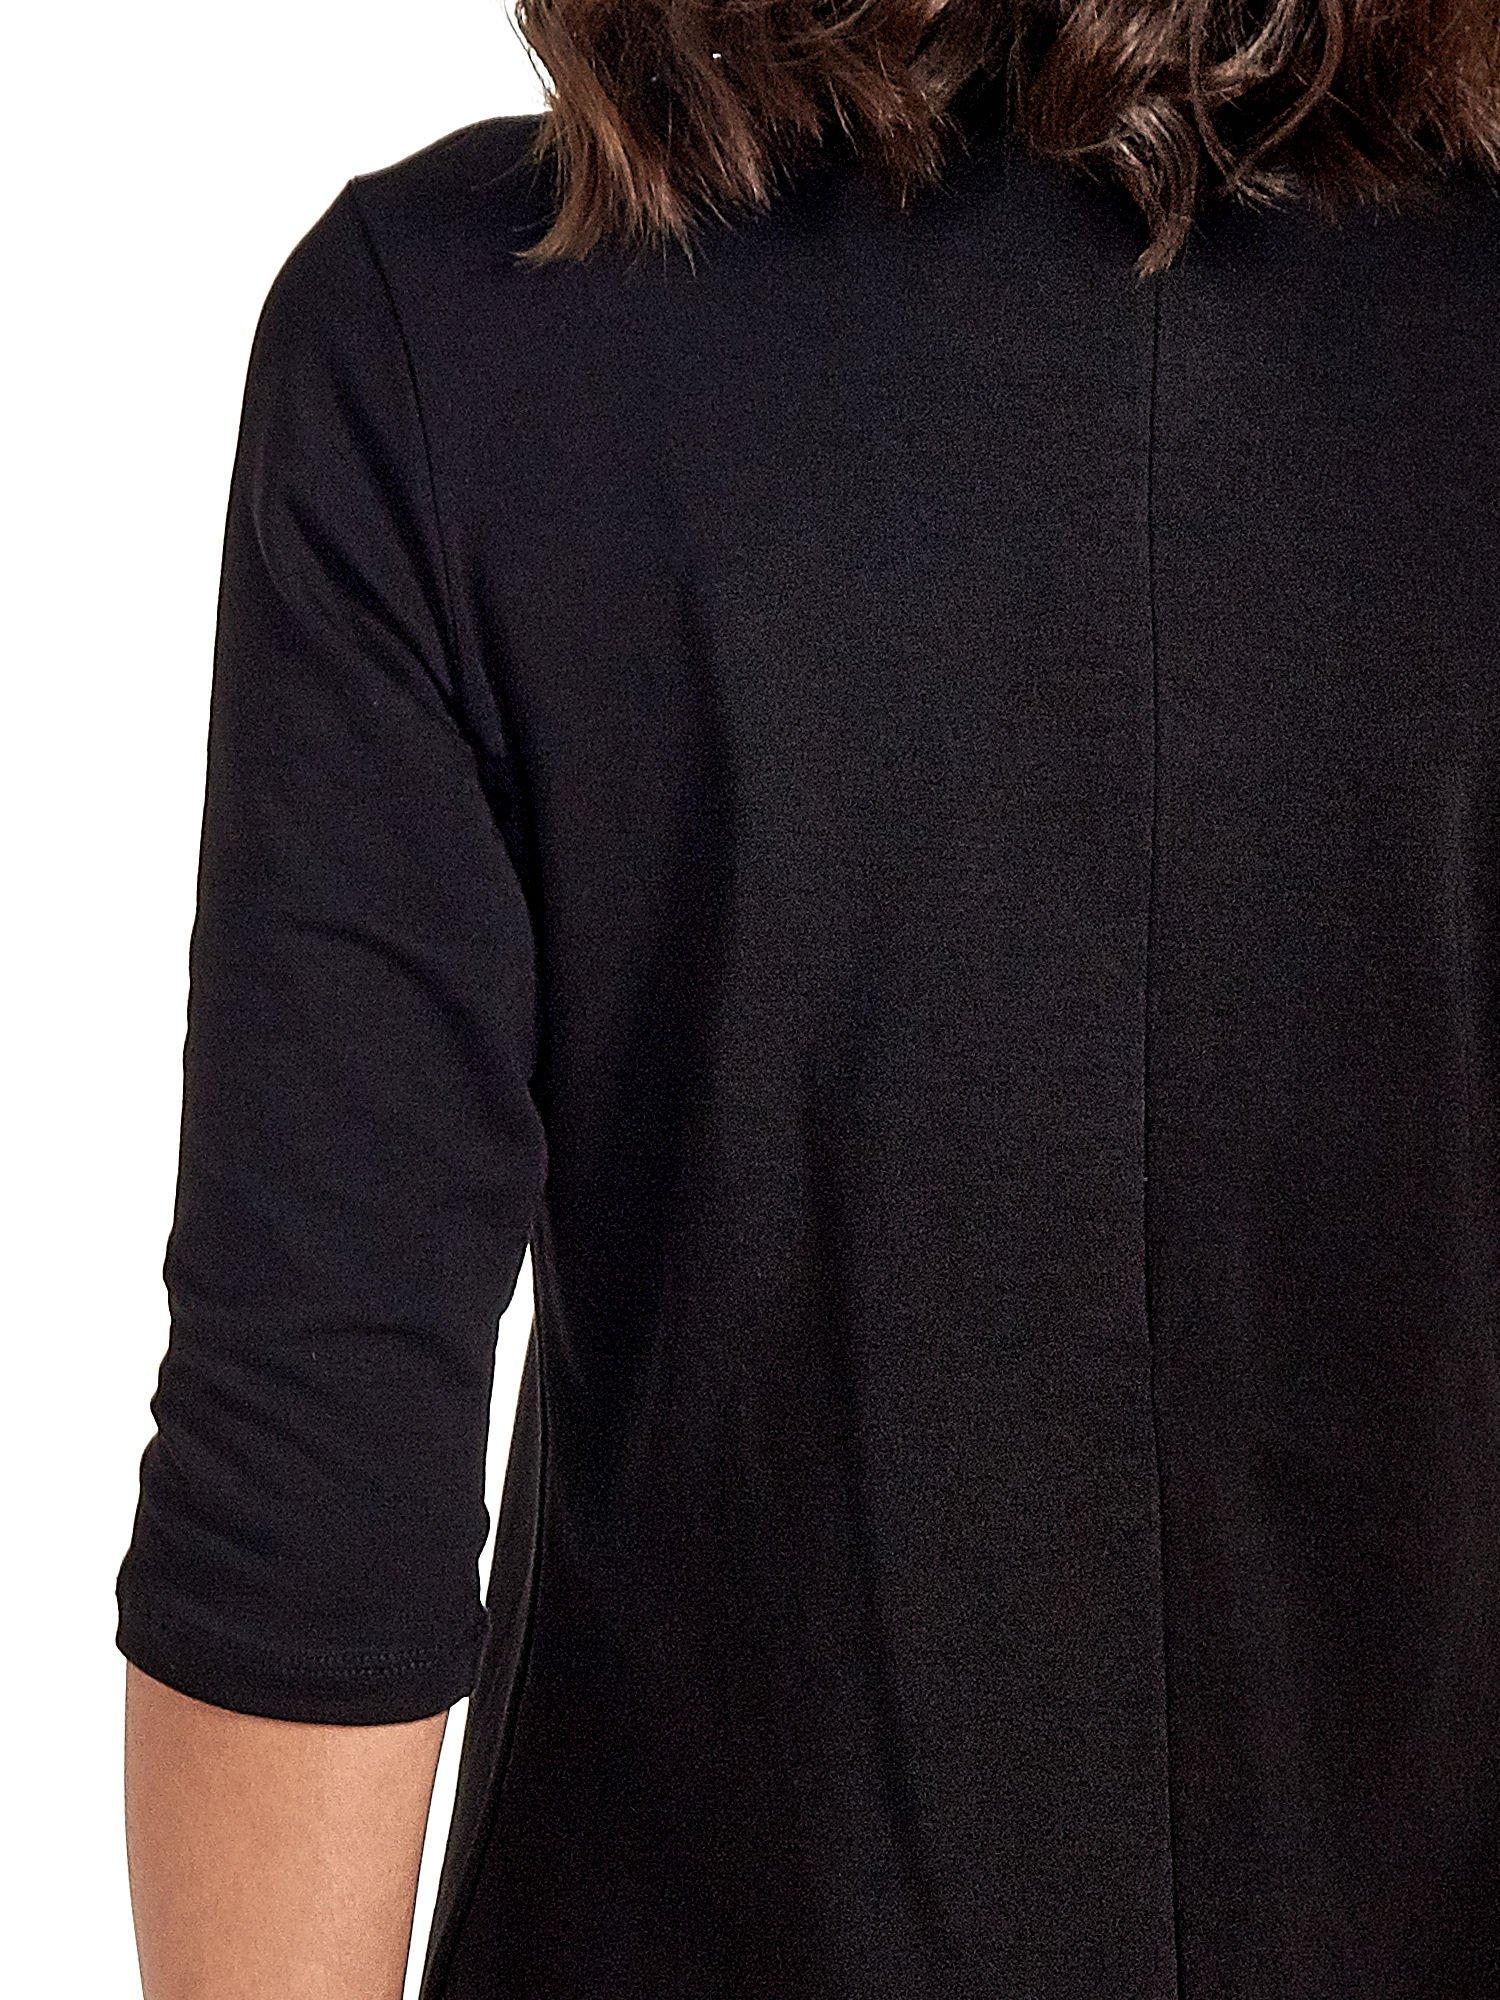 Czarna prosta sukienka z kieszeniami                                   zdj.                                  7